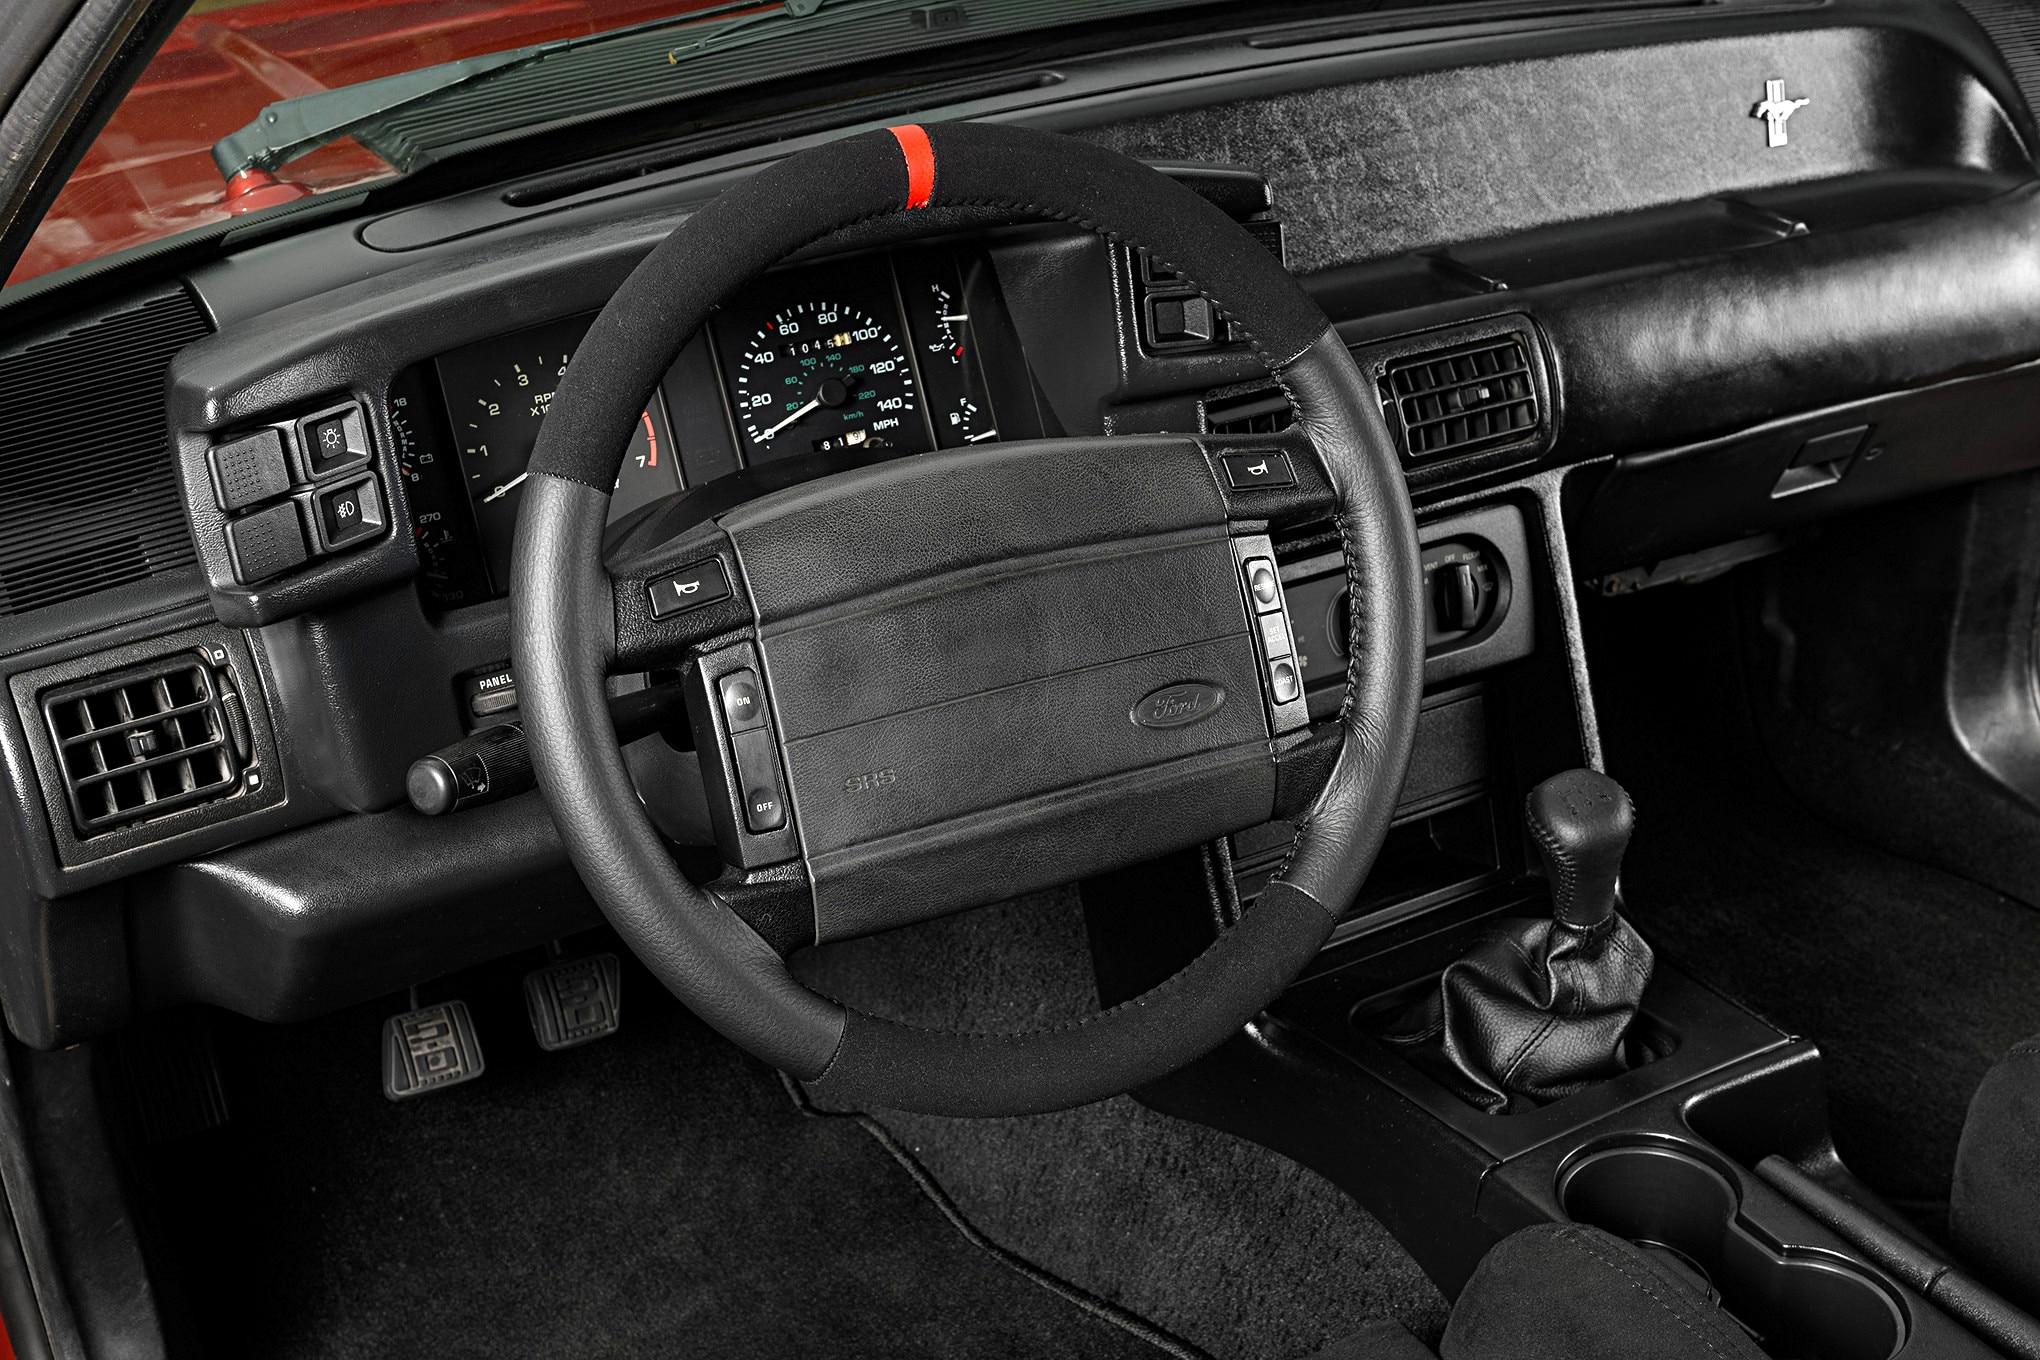 027 Mustang Steering Wheel Sve Fr350 Shift Knob